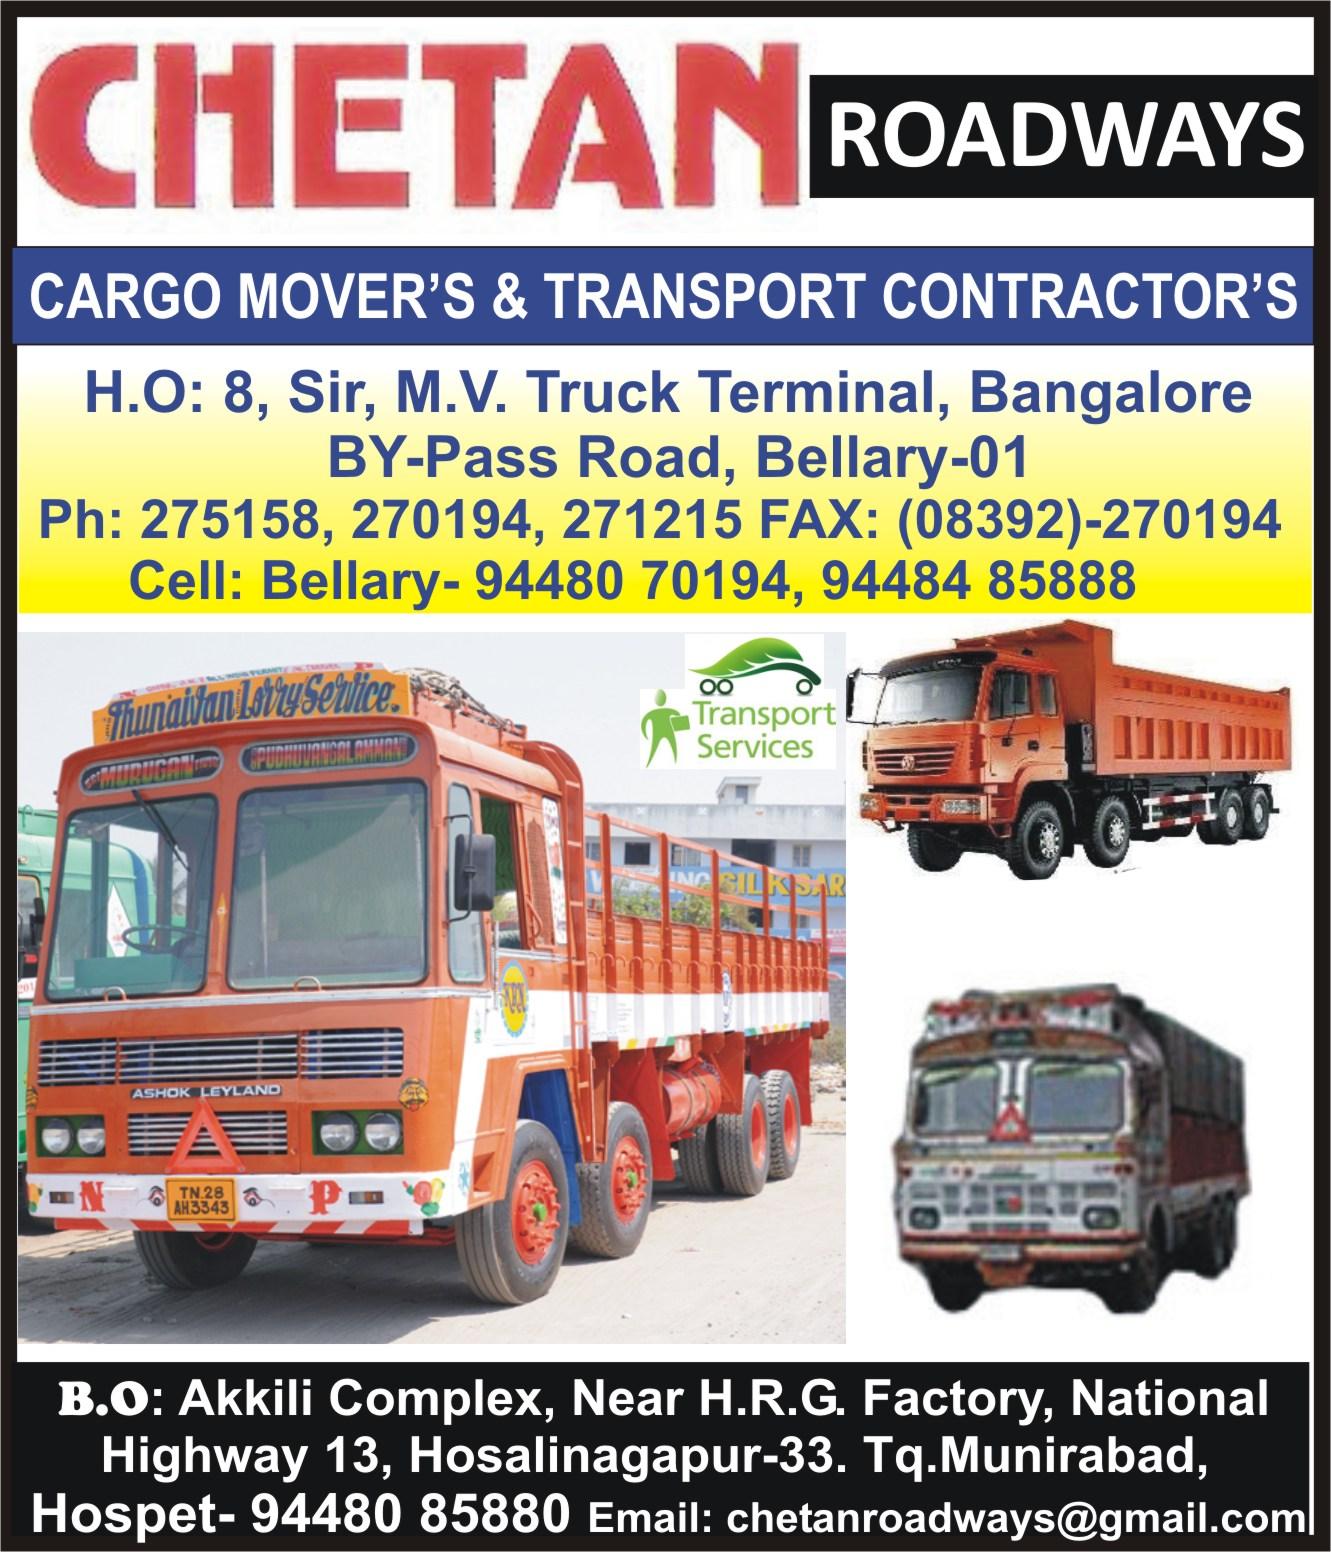 Chetan Roadways